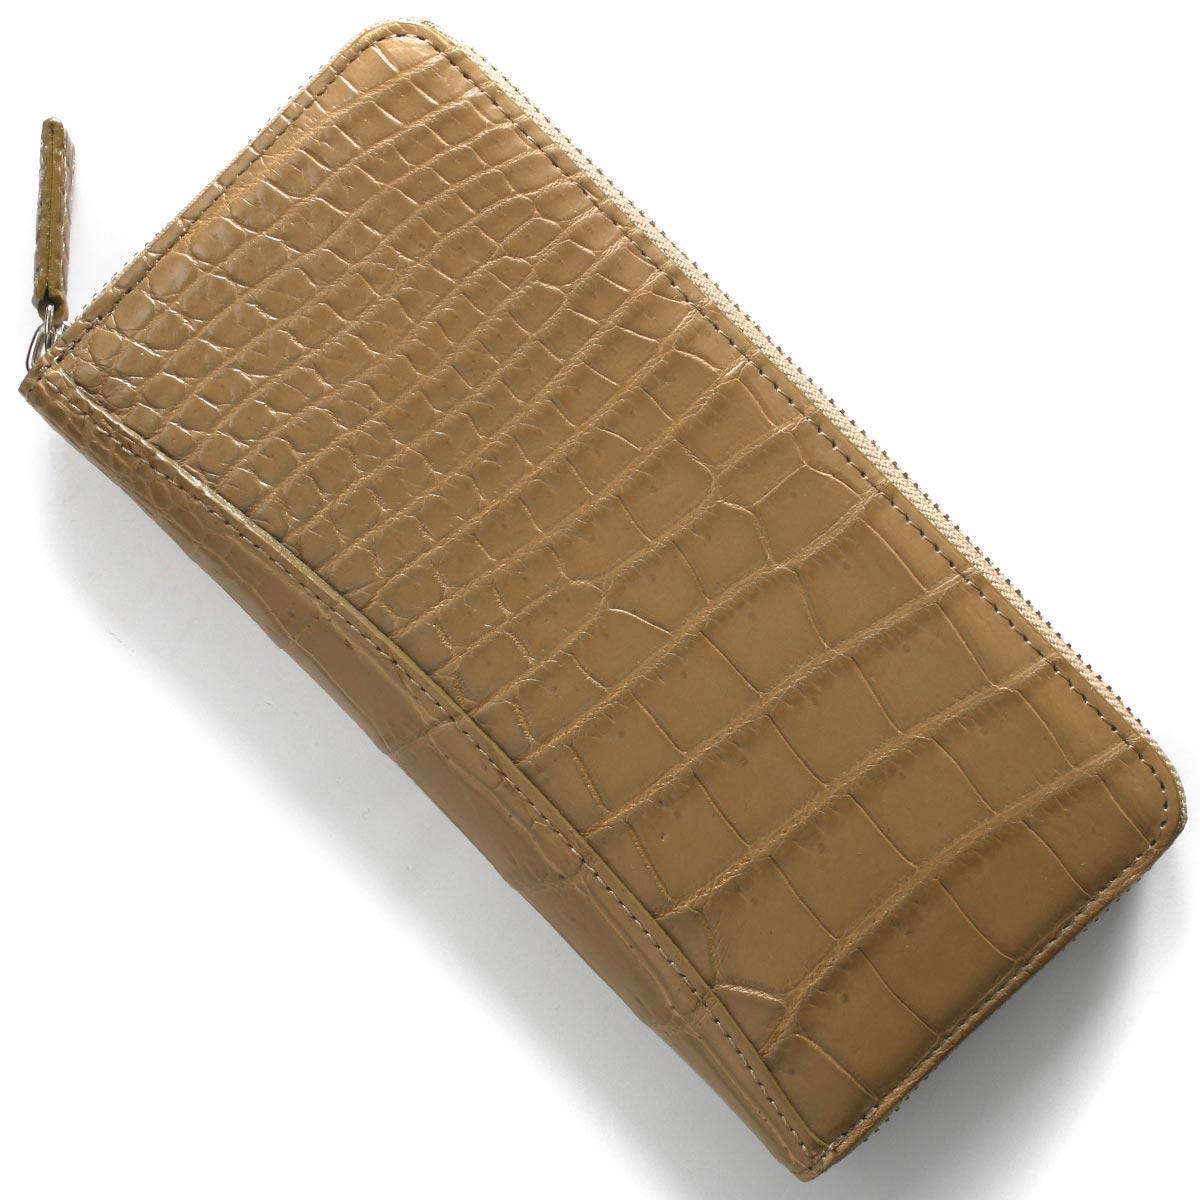 本革 長財布 財布 メンズ レディース クロコ ダークタウベージュ CRS002P DTAU Leather